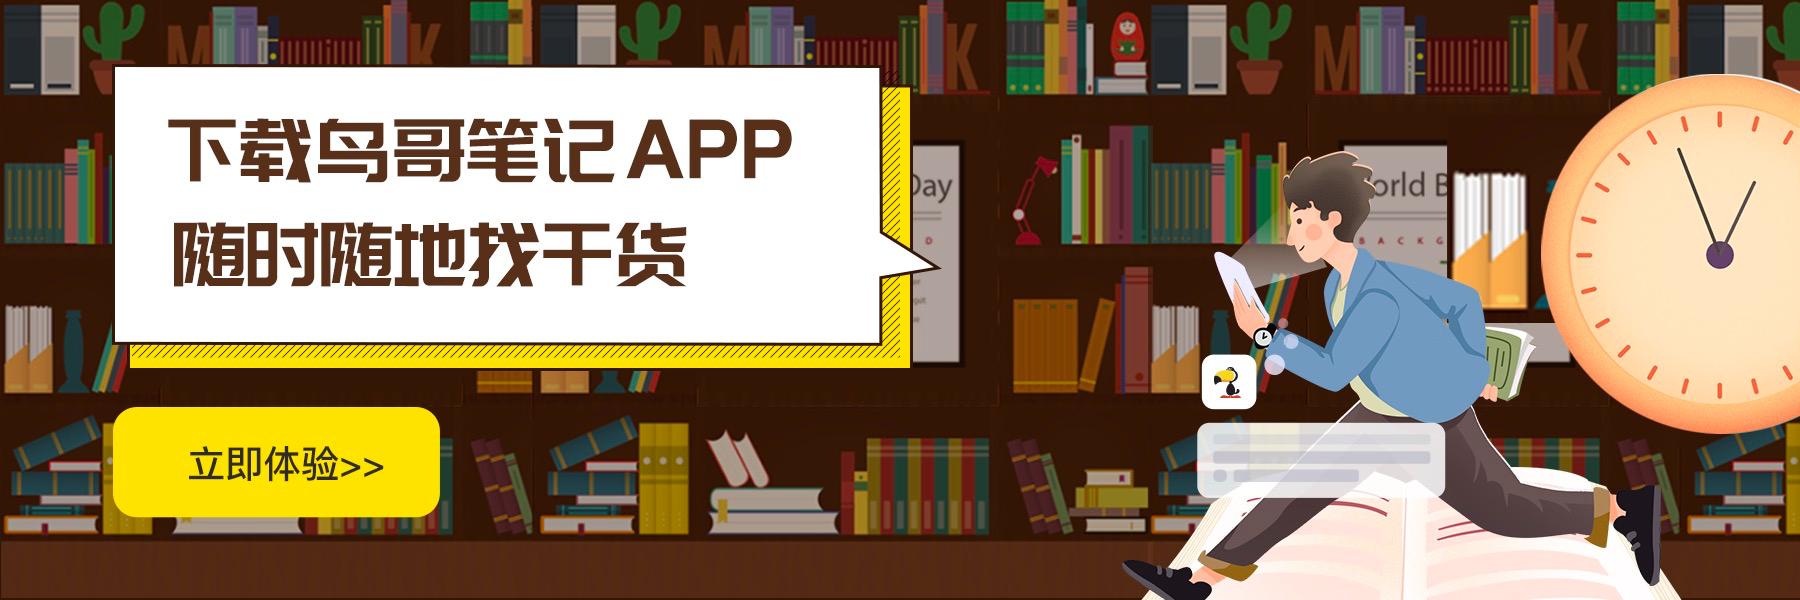 鸟哥笔记,行业动态,刘旷,行业动态